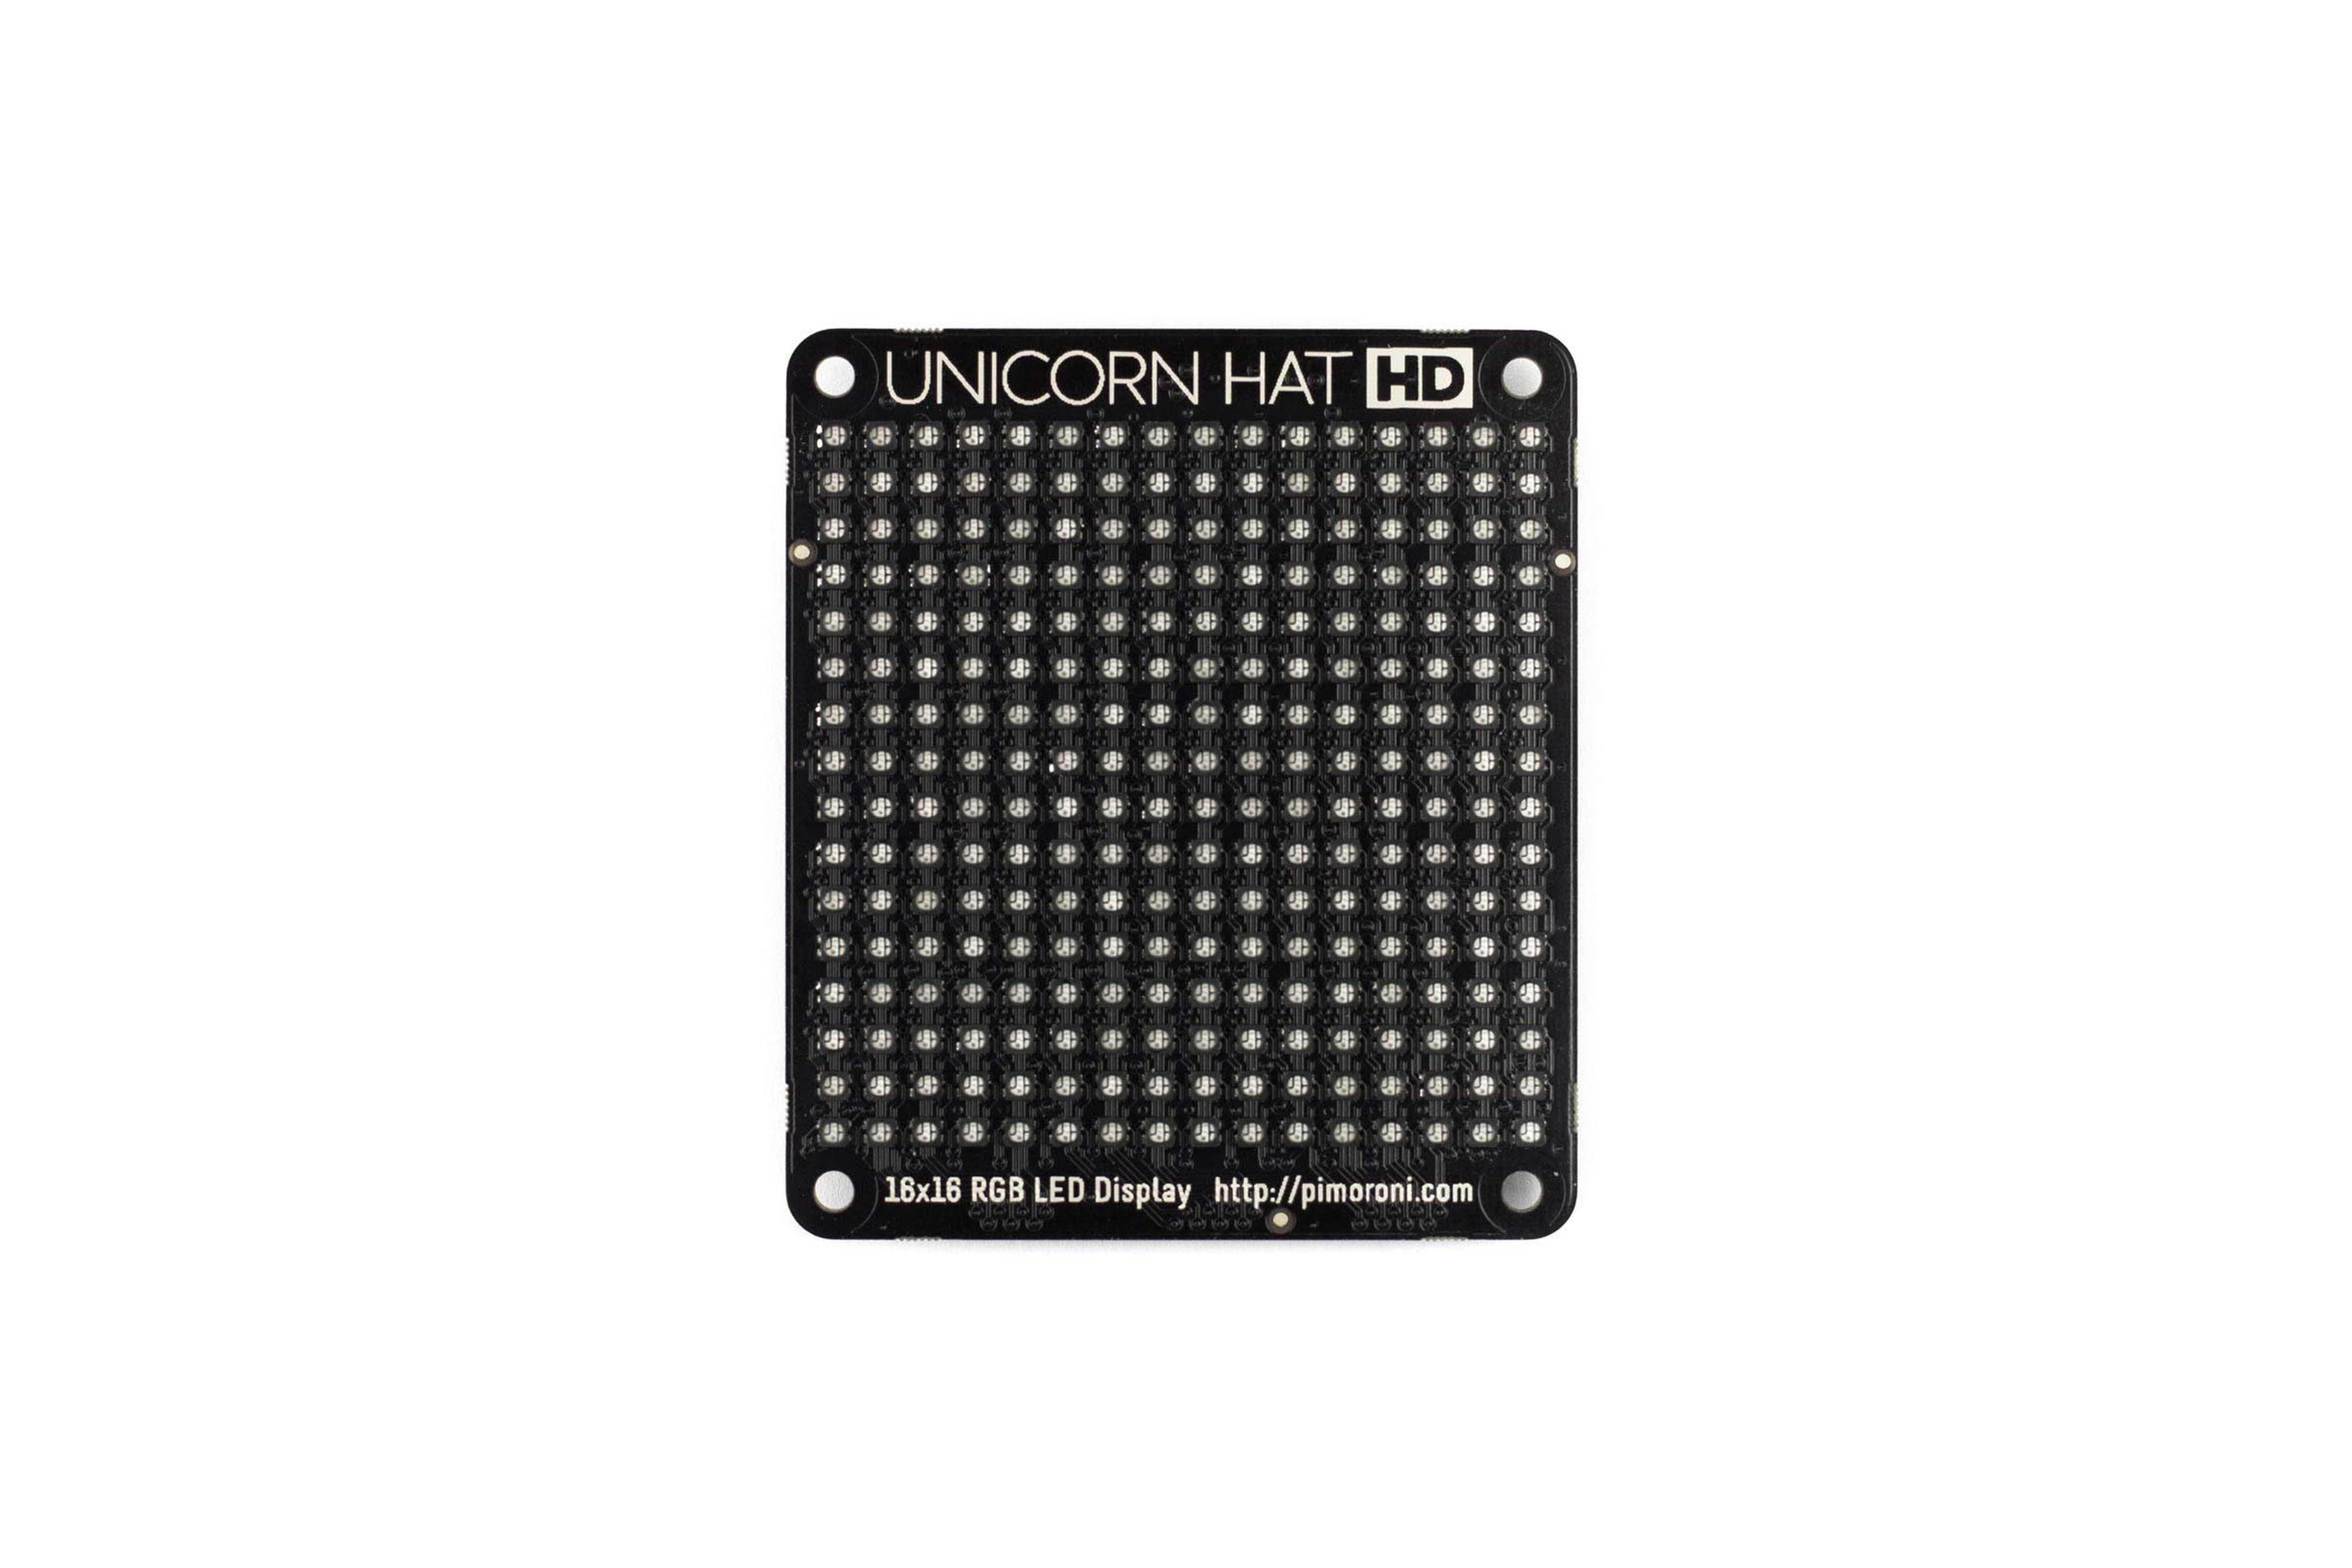 Unicorn HAT PI用 HD RGB LED マトリックス